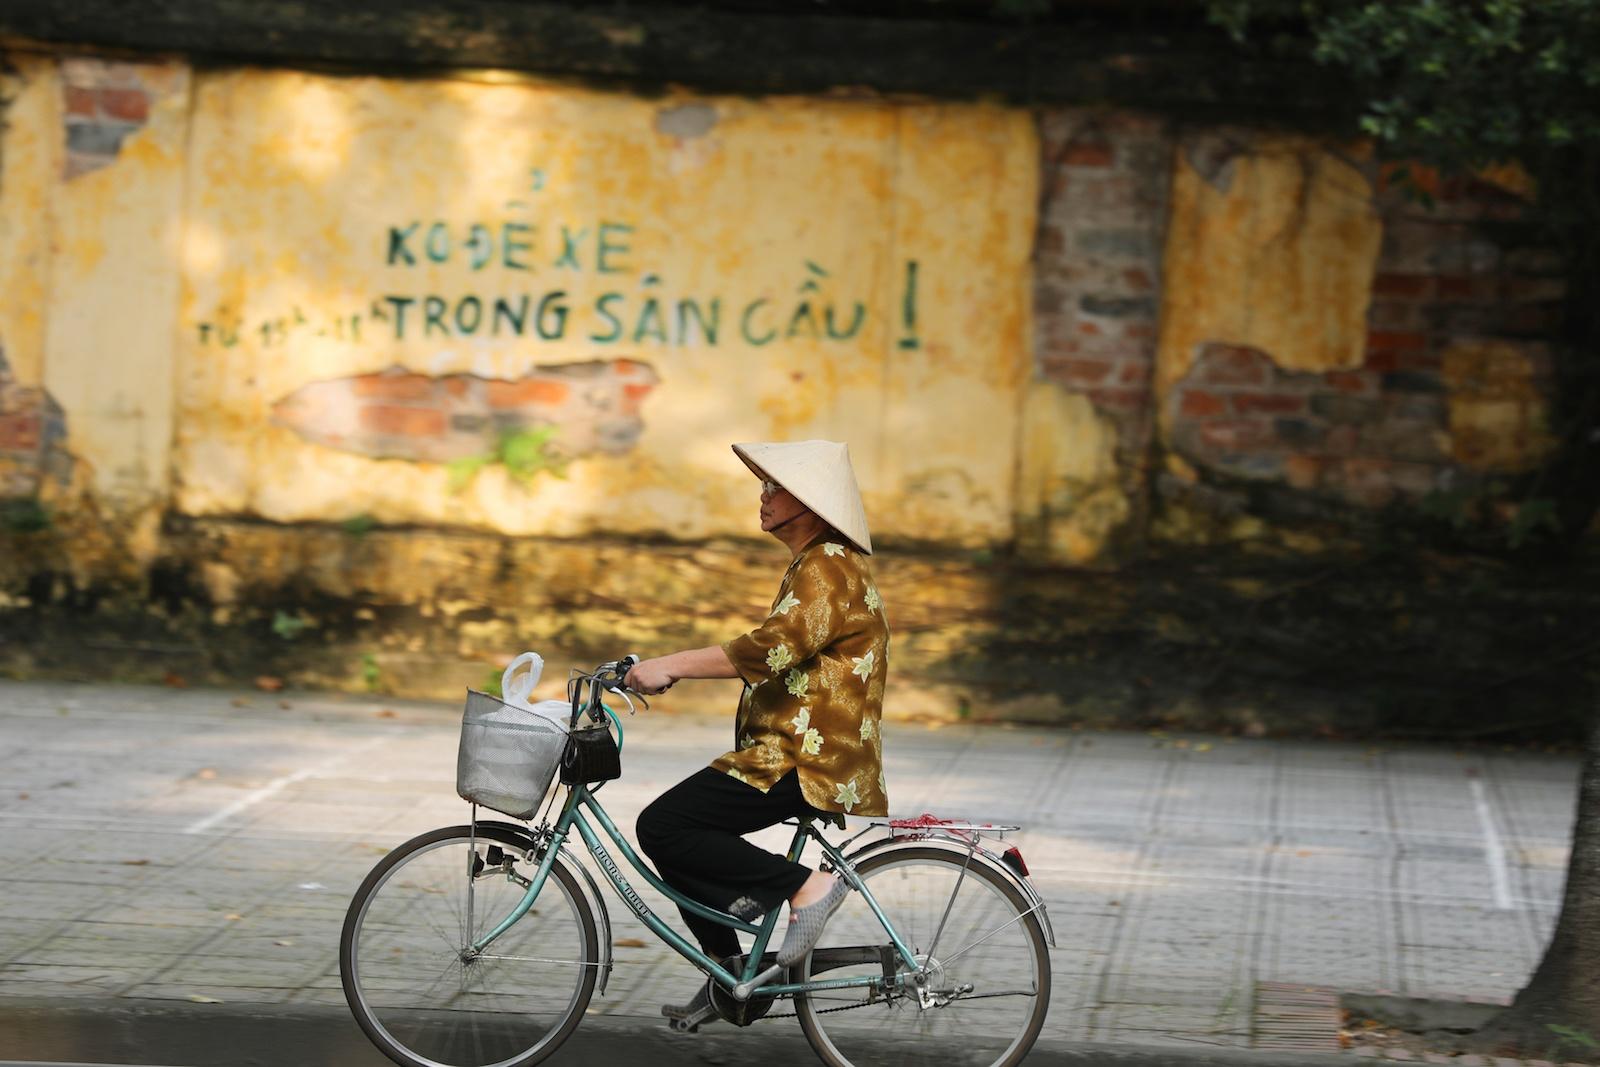 Nhung khoanh khac mua thu Ha Noi lay dong long nguoi hinh anh 2